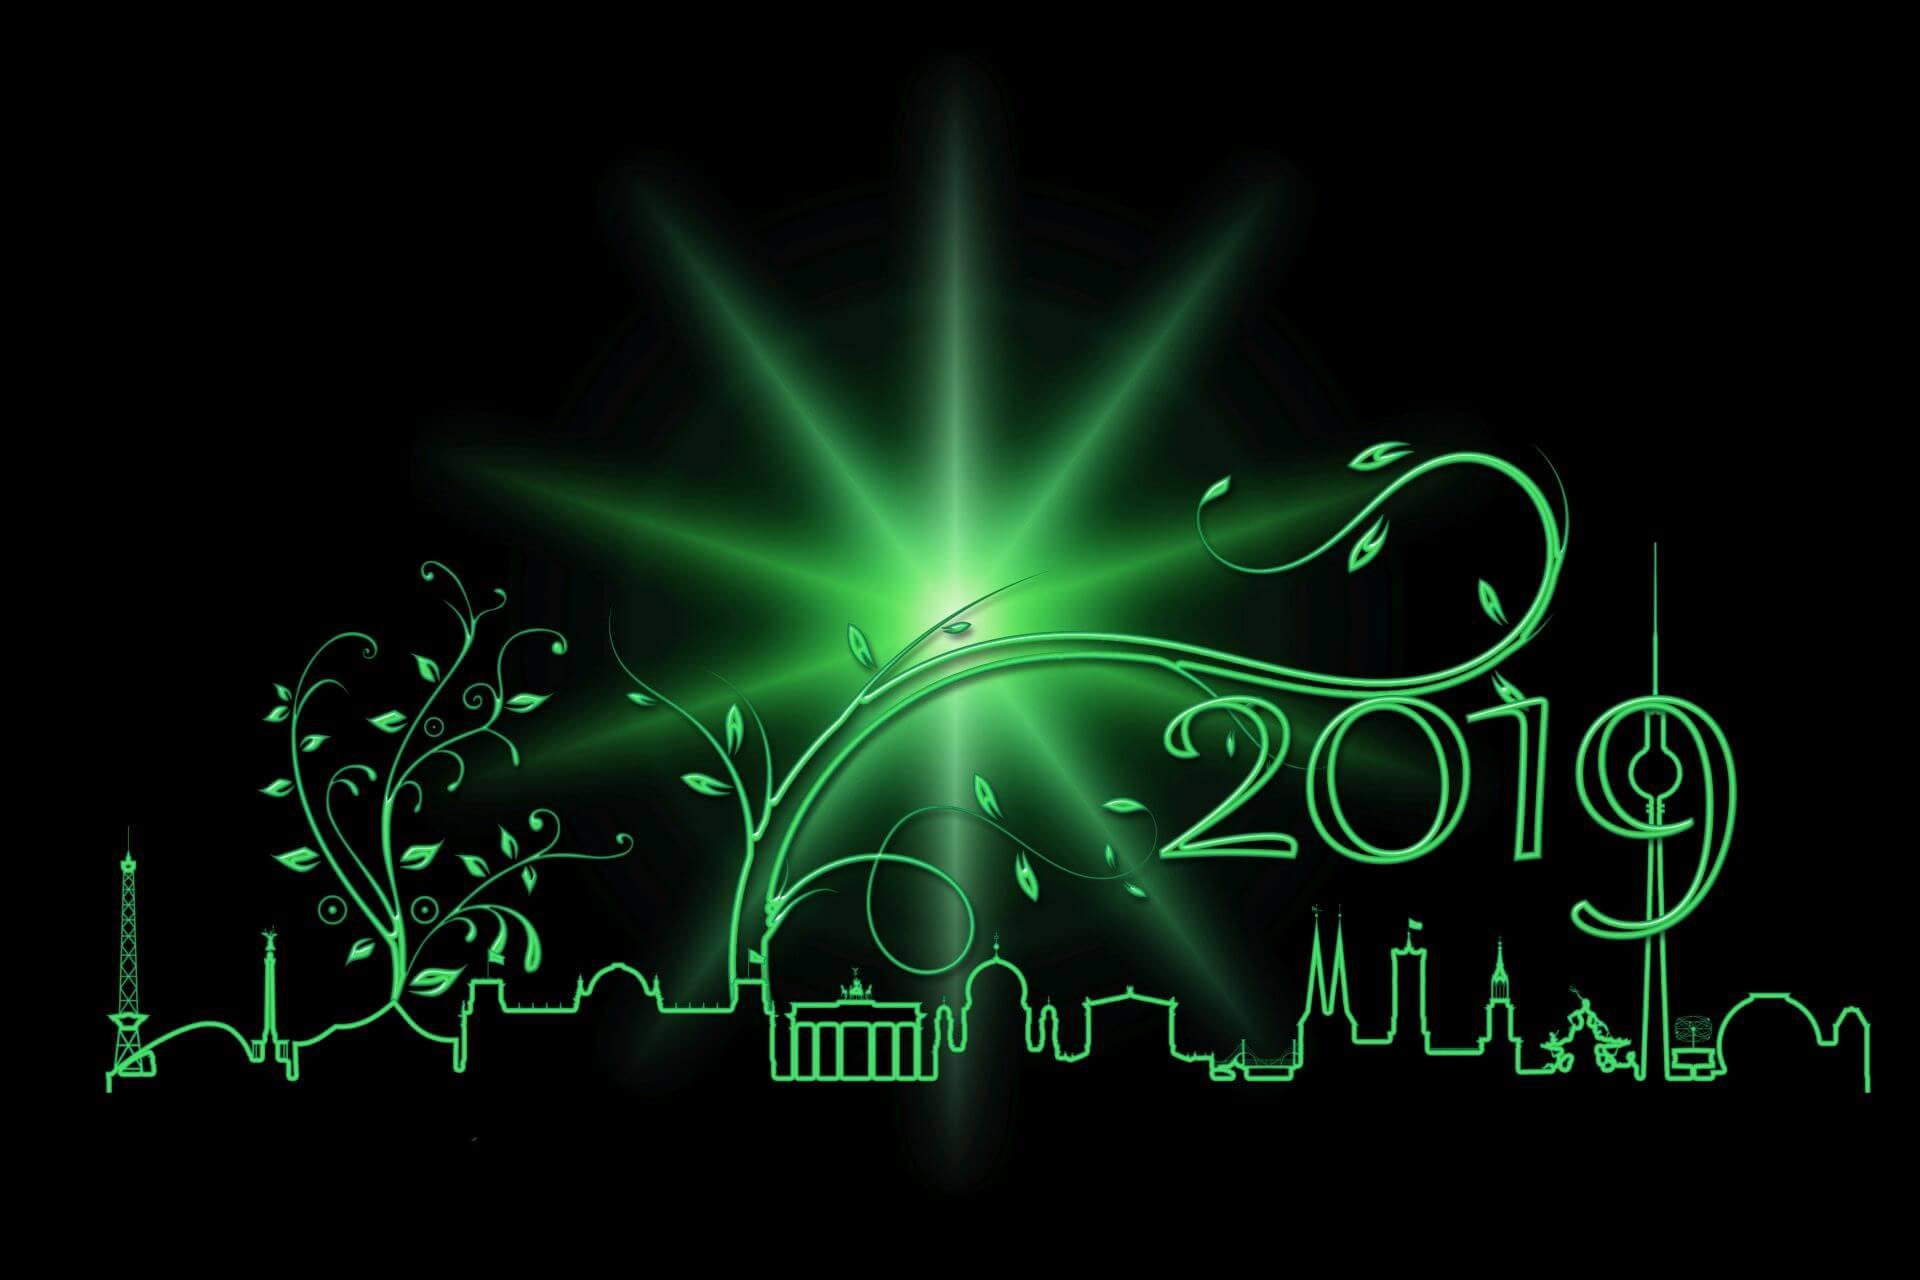 Lustige neujahrswünsche 2019